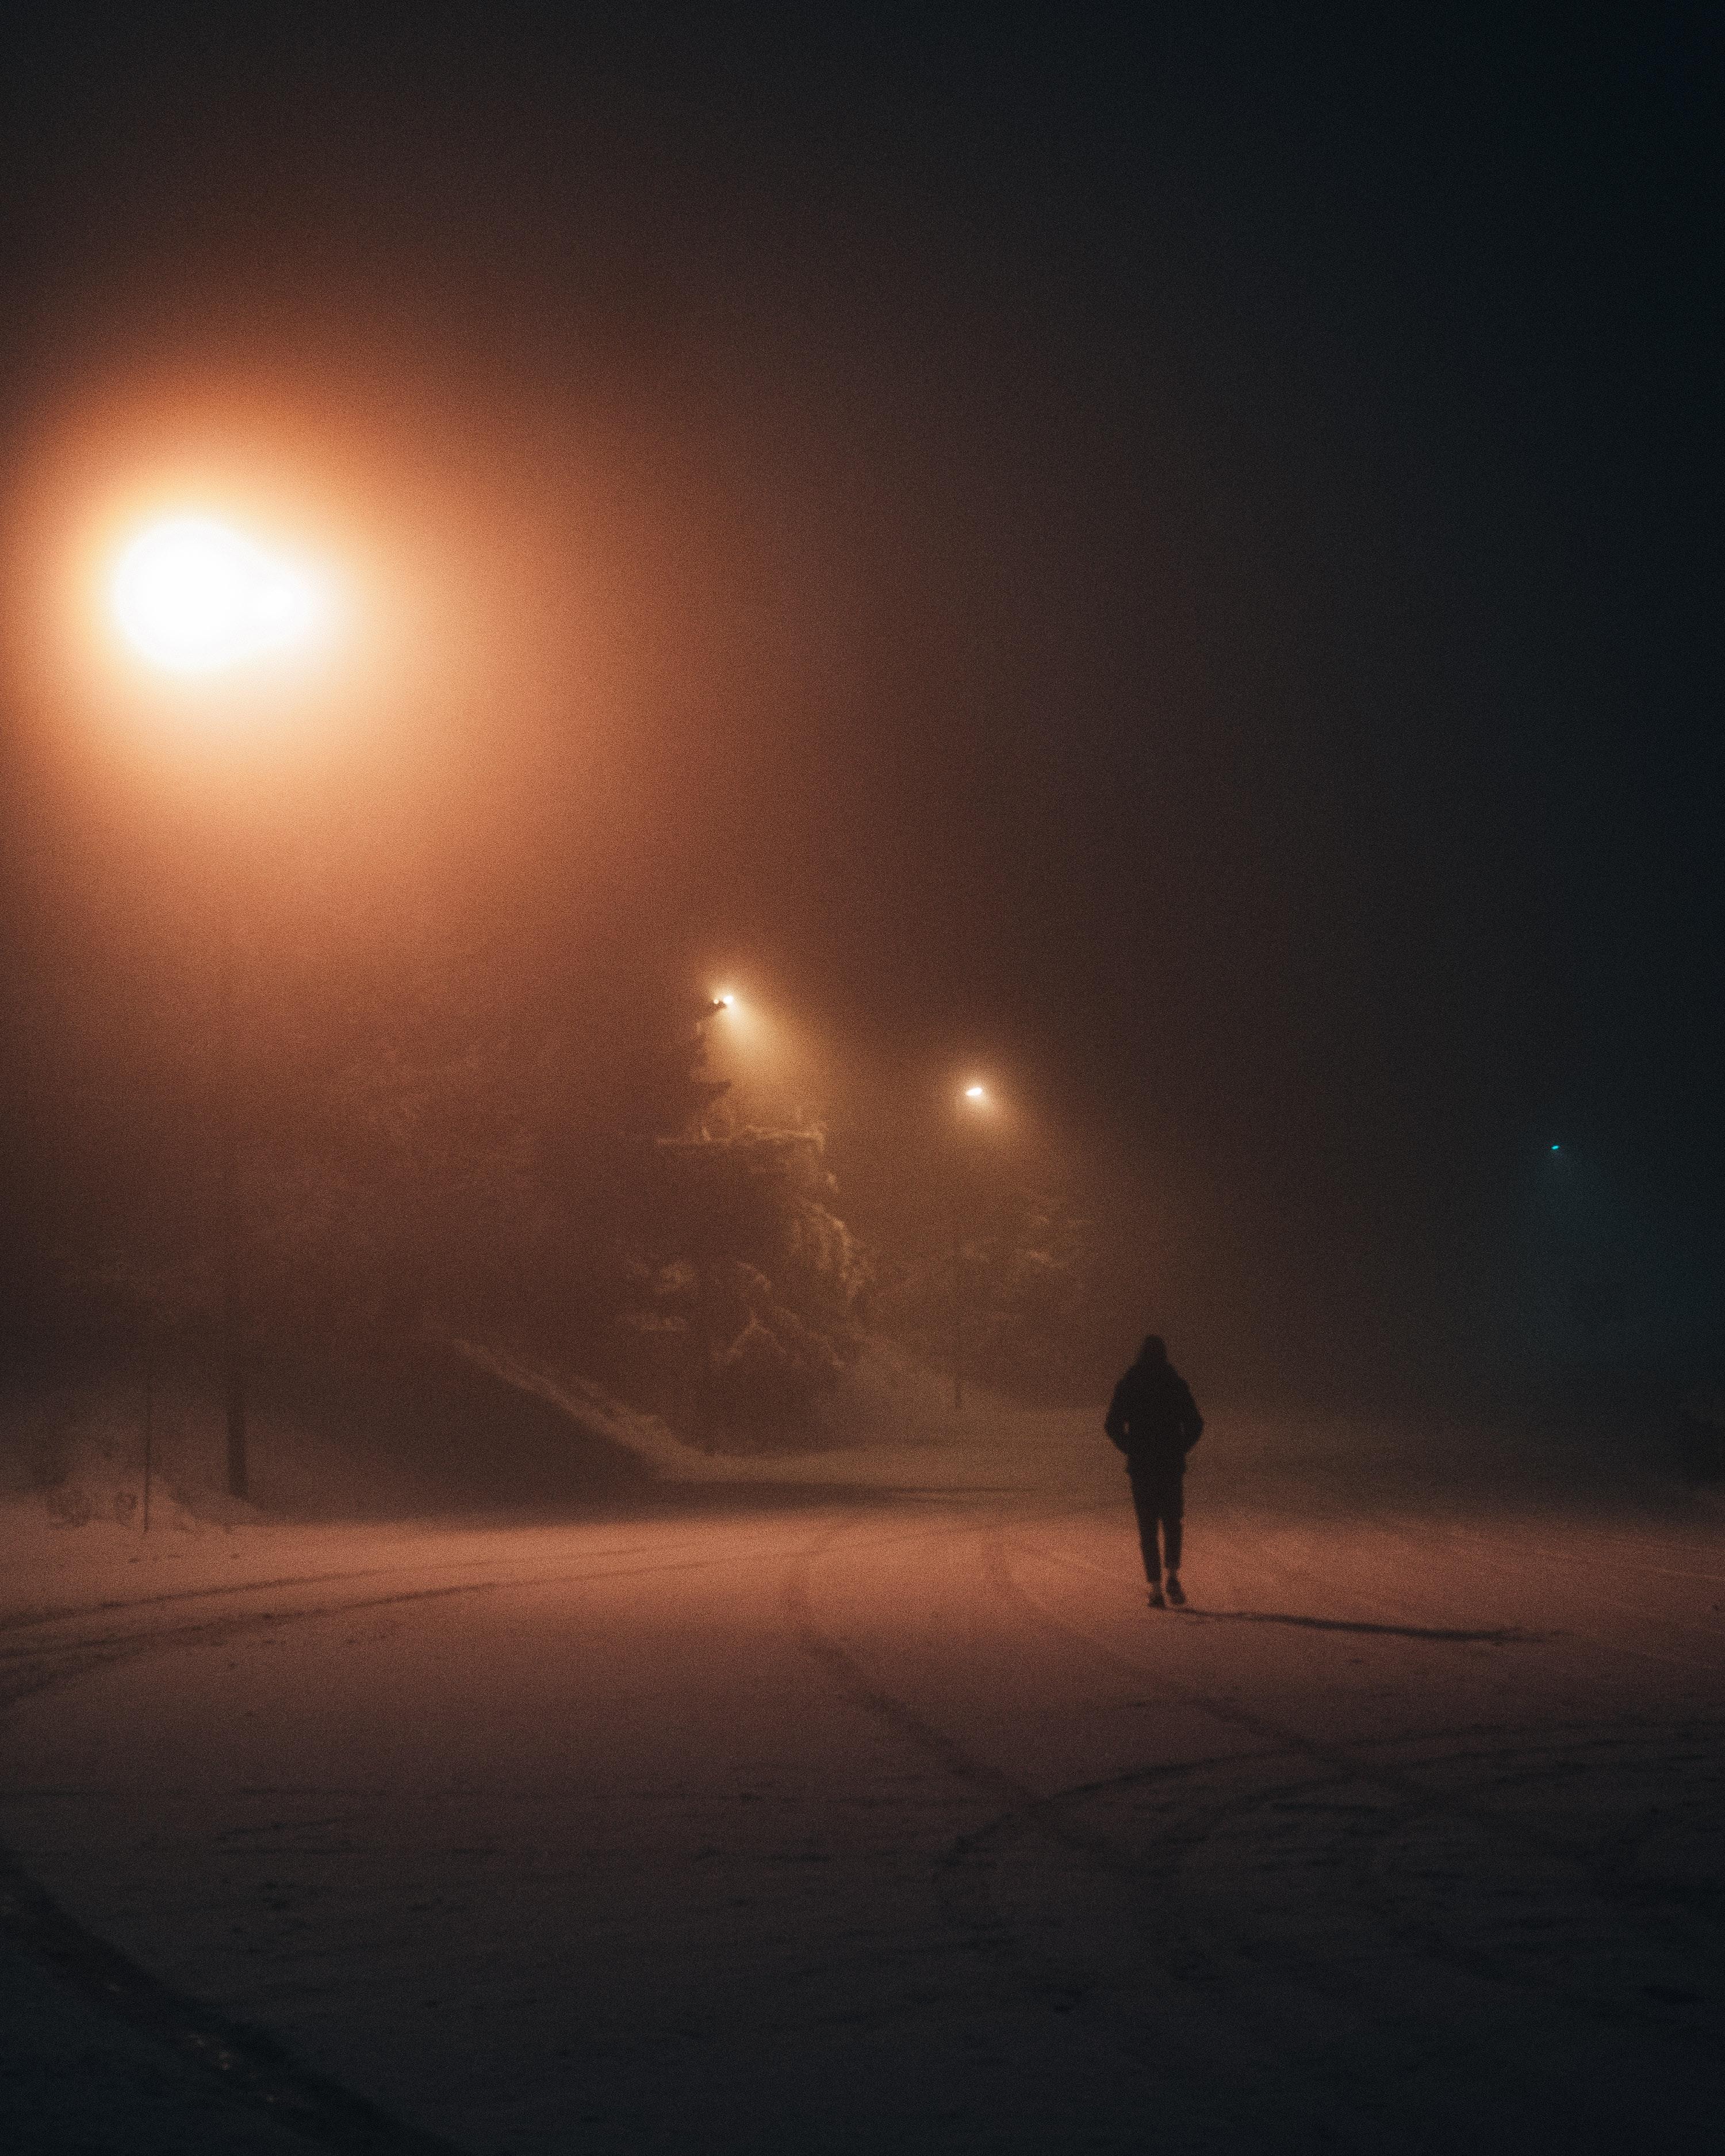 83529 Hintergrundbild 720x1280 kostenlos auf deinem Handy, lade Bilder Übernachtung, Schnee, Lichter, Silhouette, Verschiedenes, Sonstige, Laternen, Einsamkeit 720x1280 auf dein Handy herunter